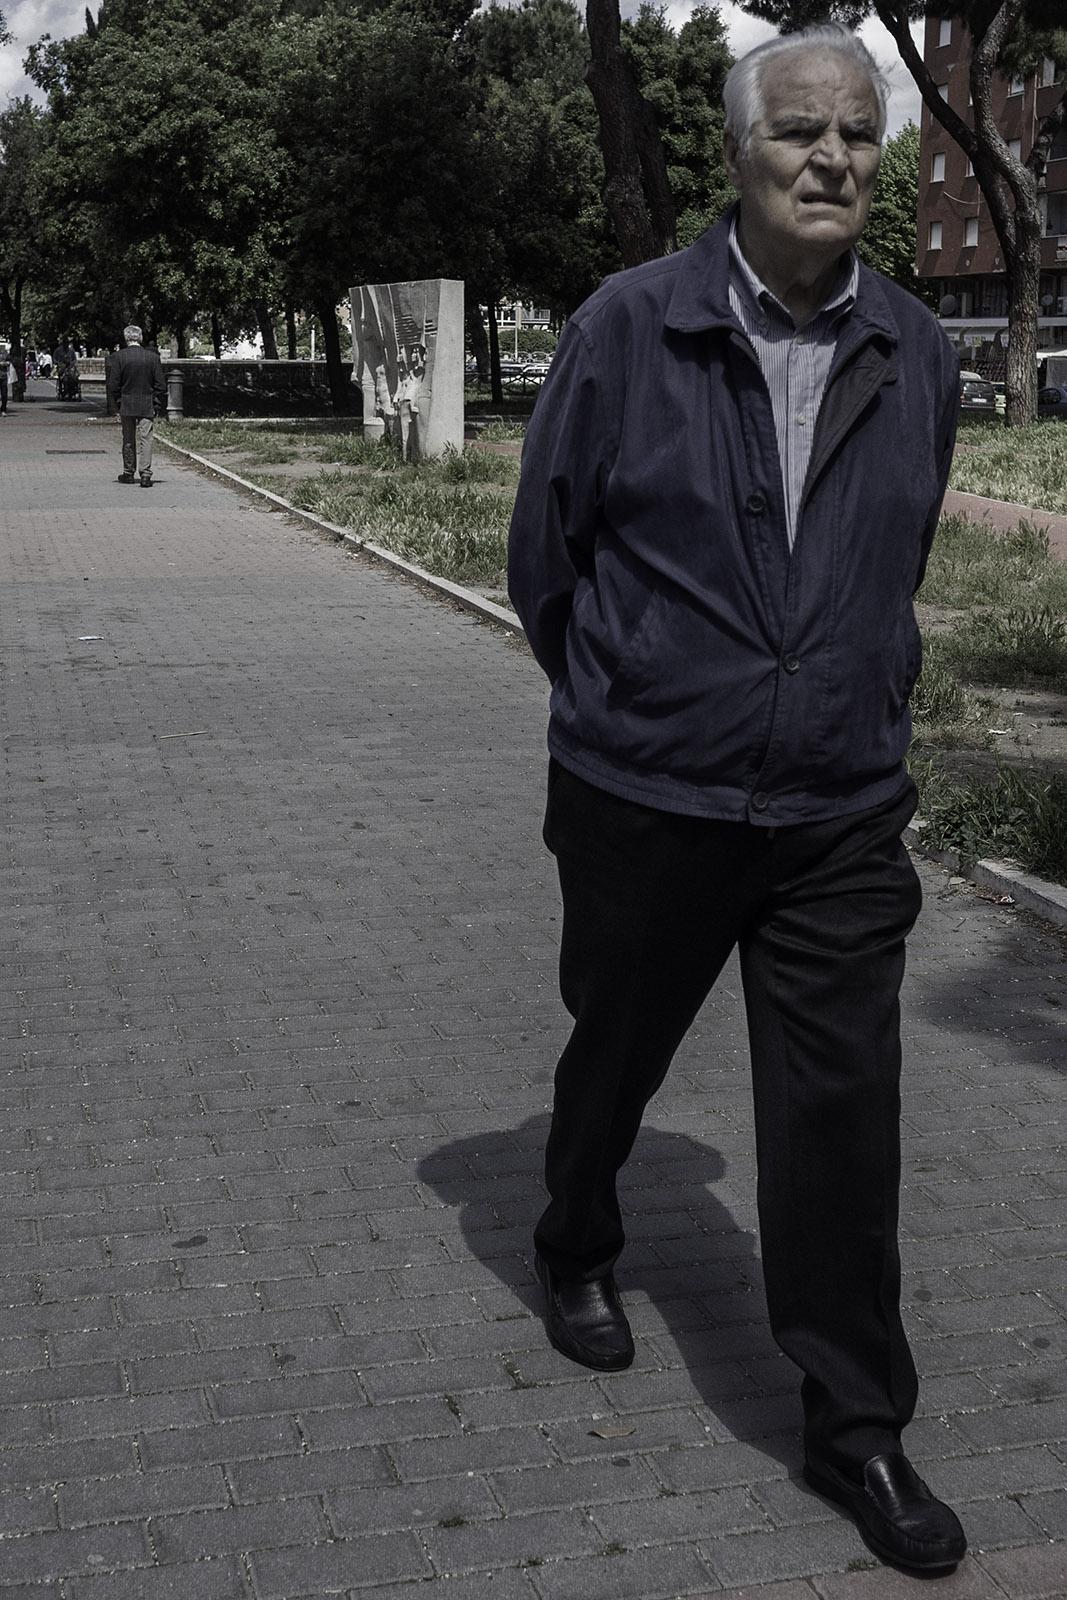 Roma_street_010V_1600.jpg